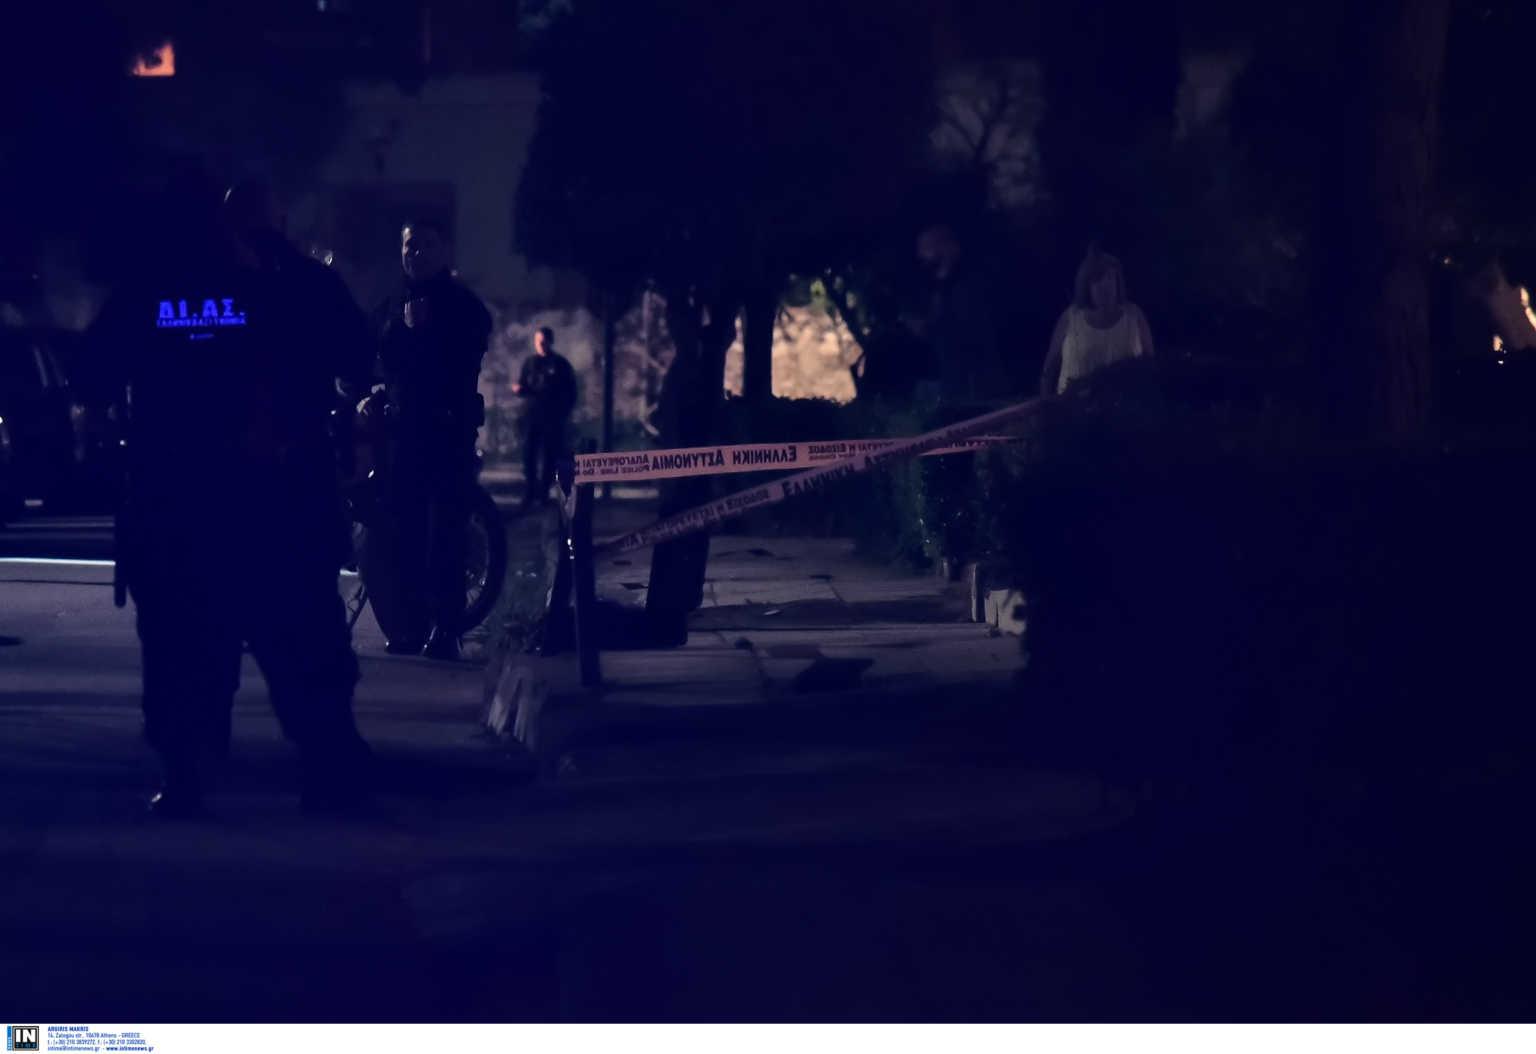 Βούλα: Νέα στοιχεία για τη μαφιόζικη εκτέλεση – Τι κατέθεσε η σύζυγος του θύματος